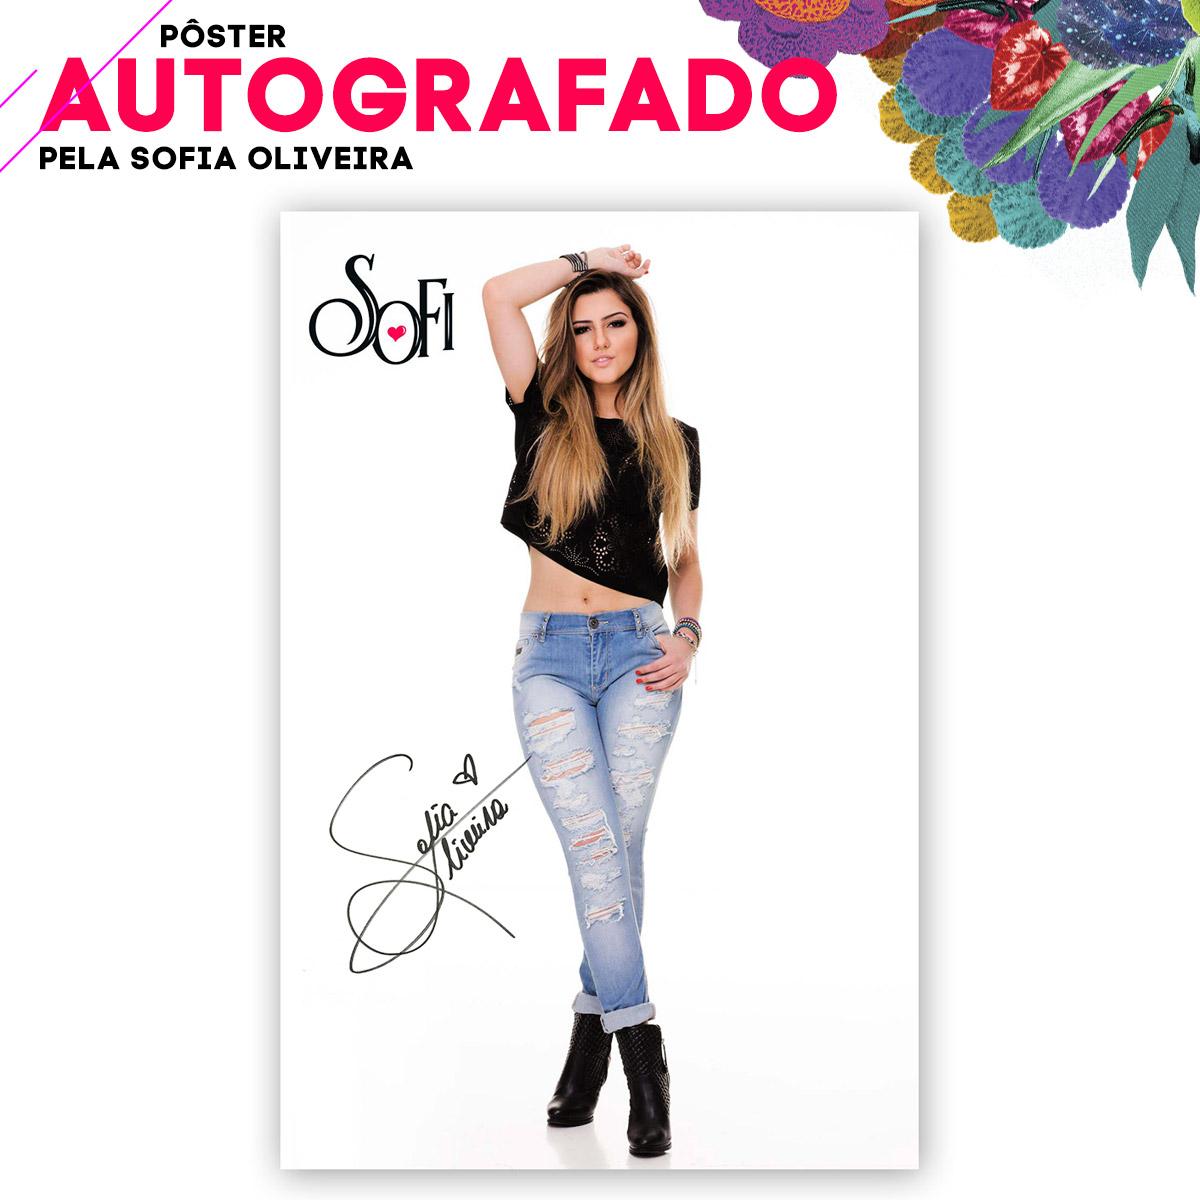 P�ster AUTOGRAFADO Sofia Oliveira Felicidade